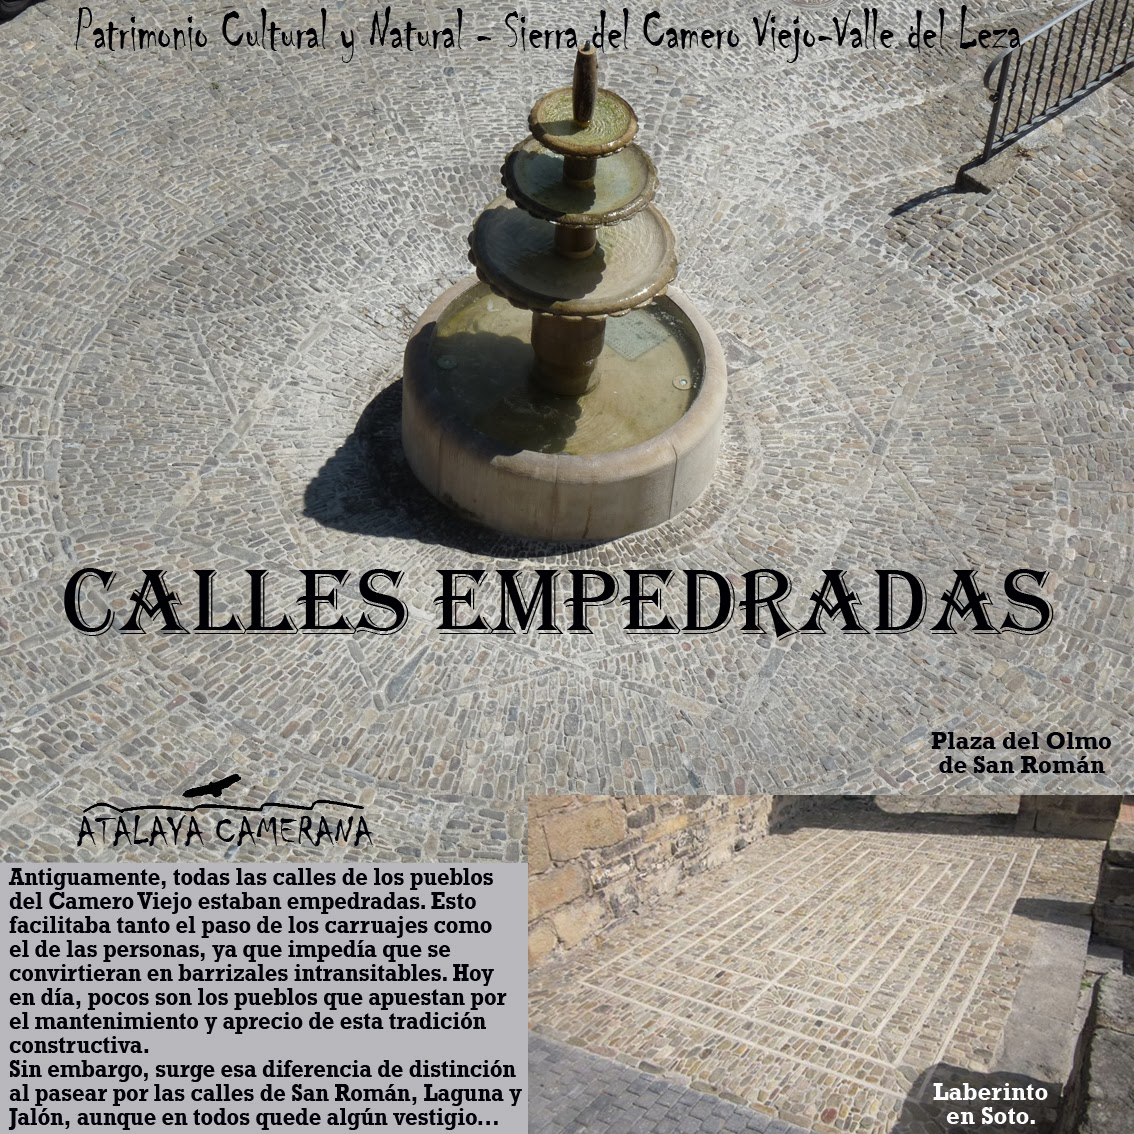 Sierra del Camero Viejo - Valle del Leza. Patrimonio Cultural y Natural. Calles Empedradas.